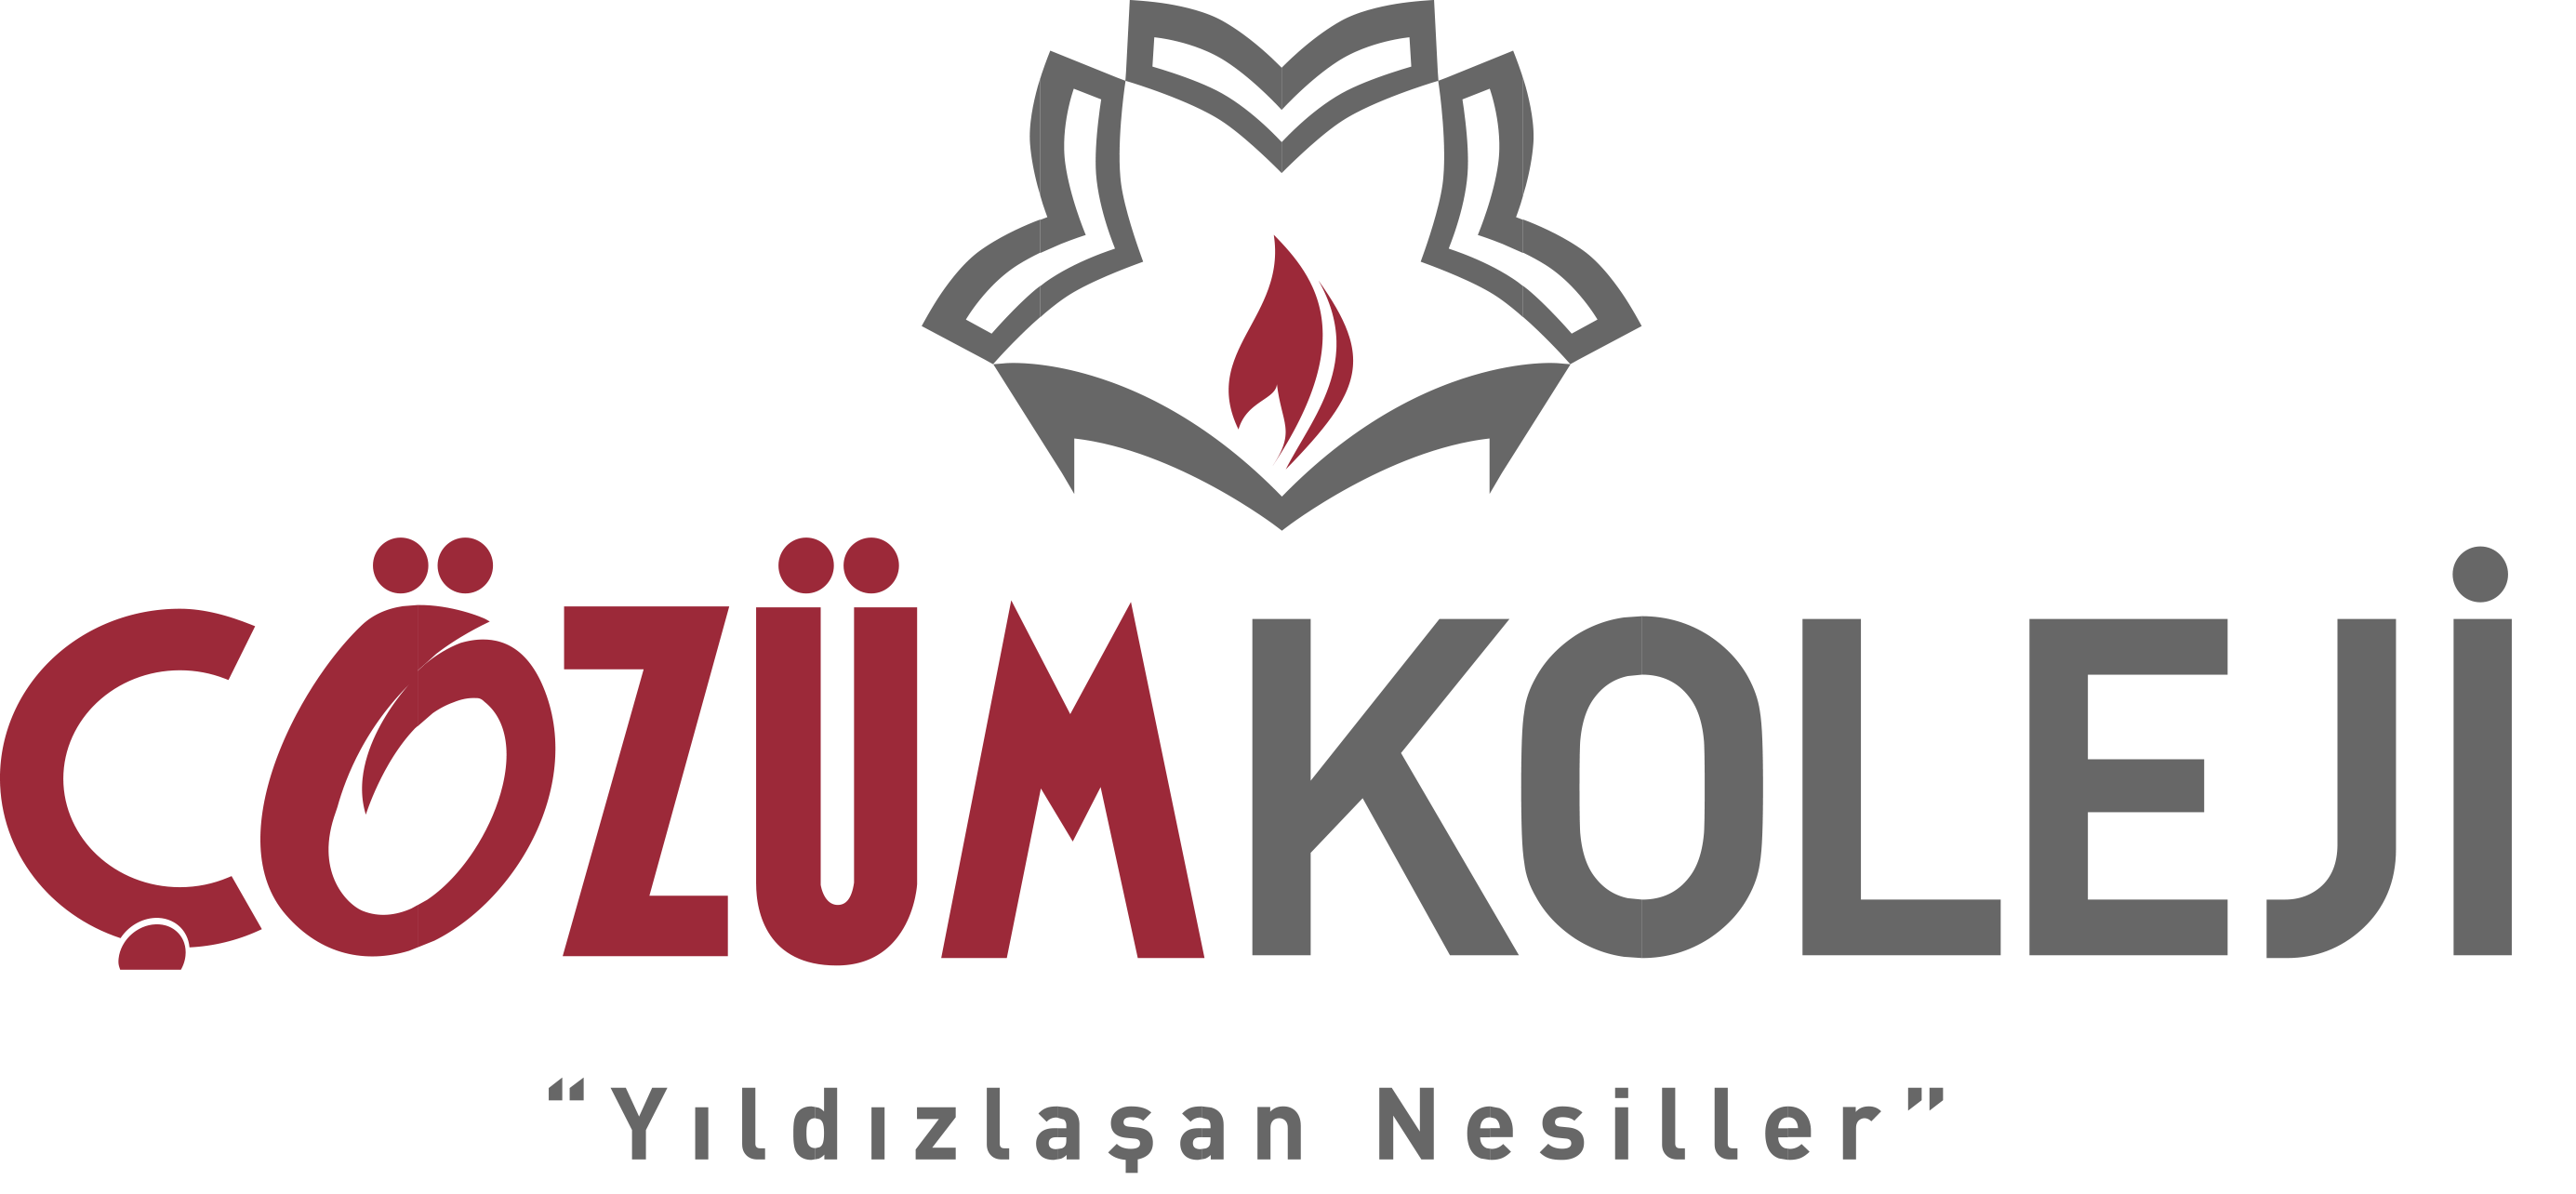 SINIF ÖĞRETMENİ - SAMSUN BAFRA ÇÖZÜM KOLEJİ KAMPÜSÜ